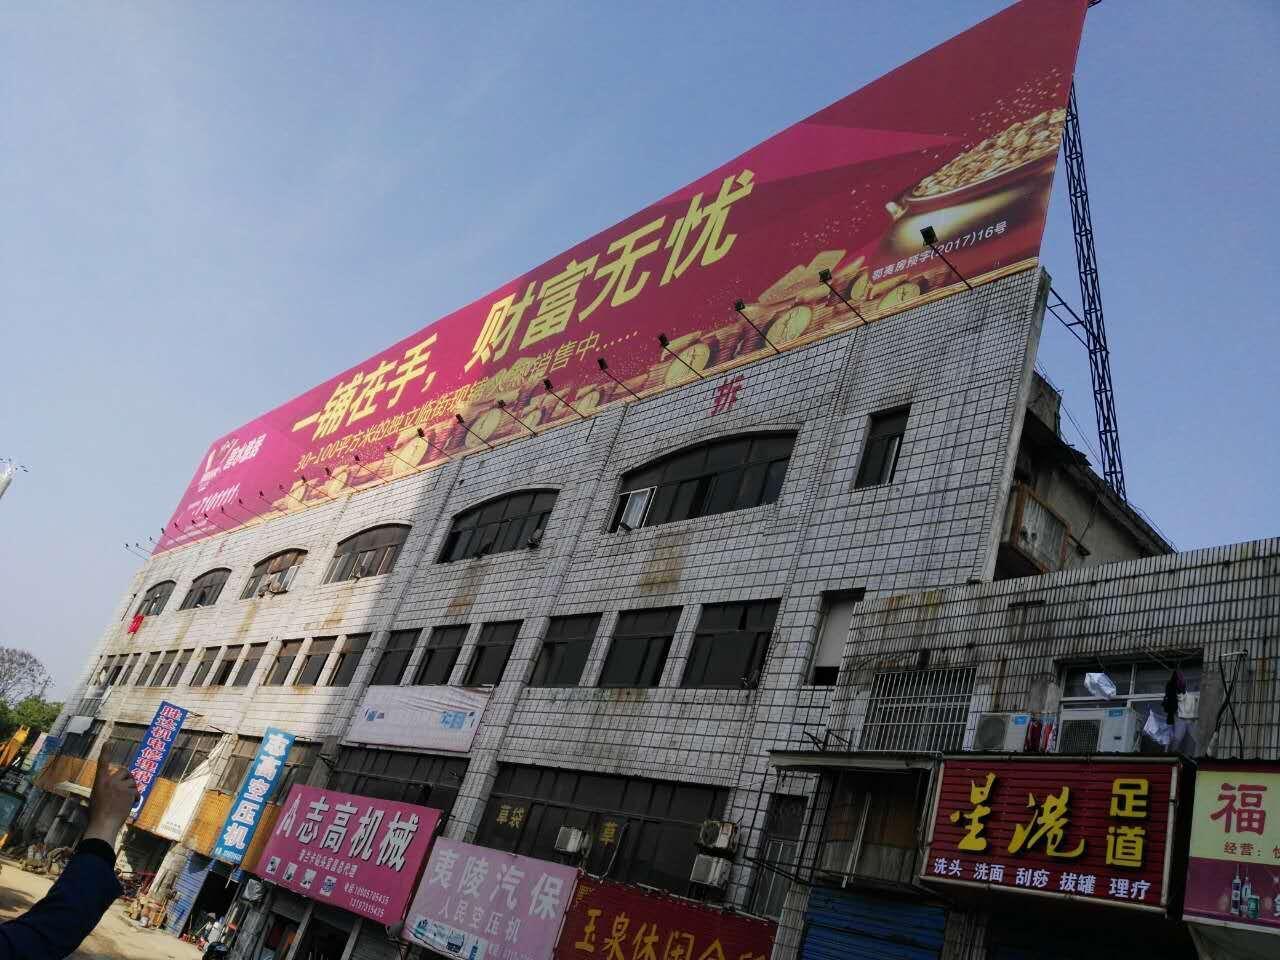 菏泽广告牌检测鉴定中心